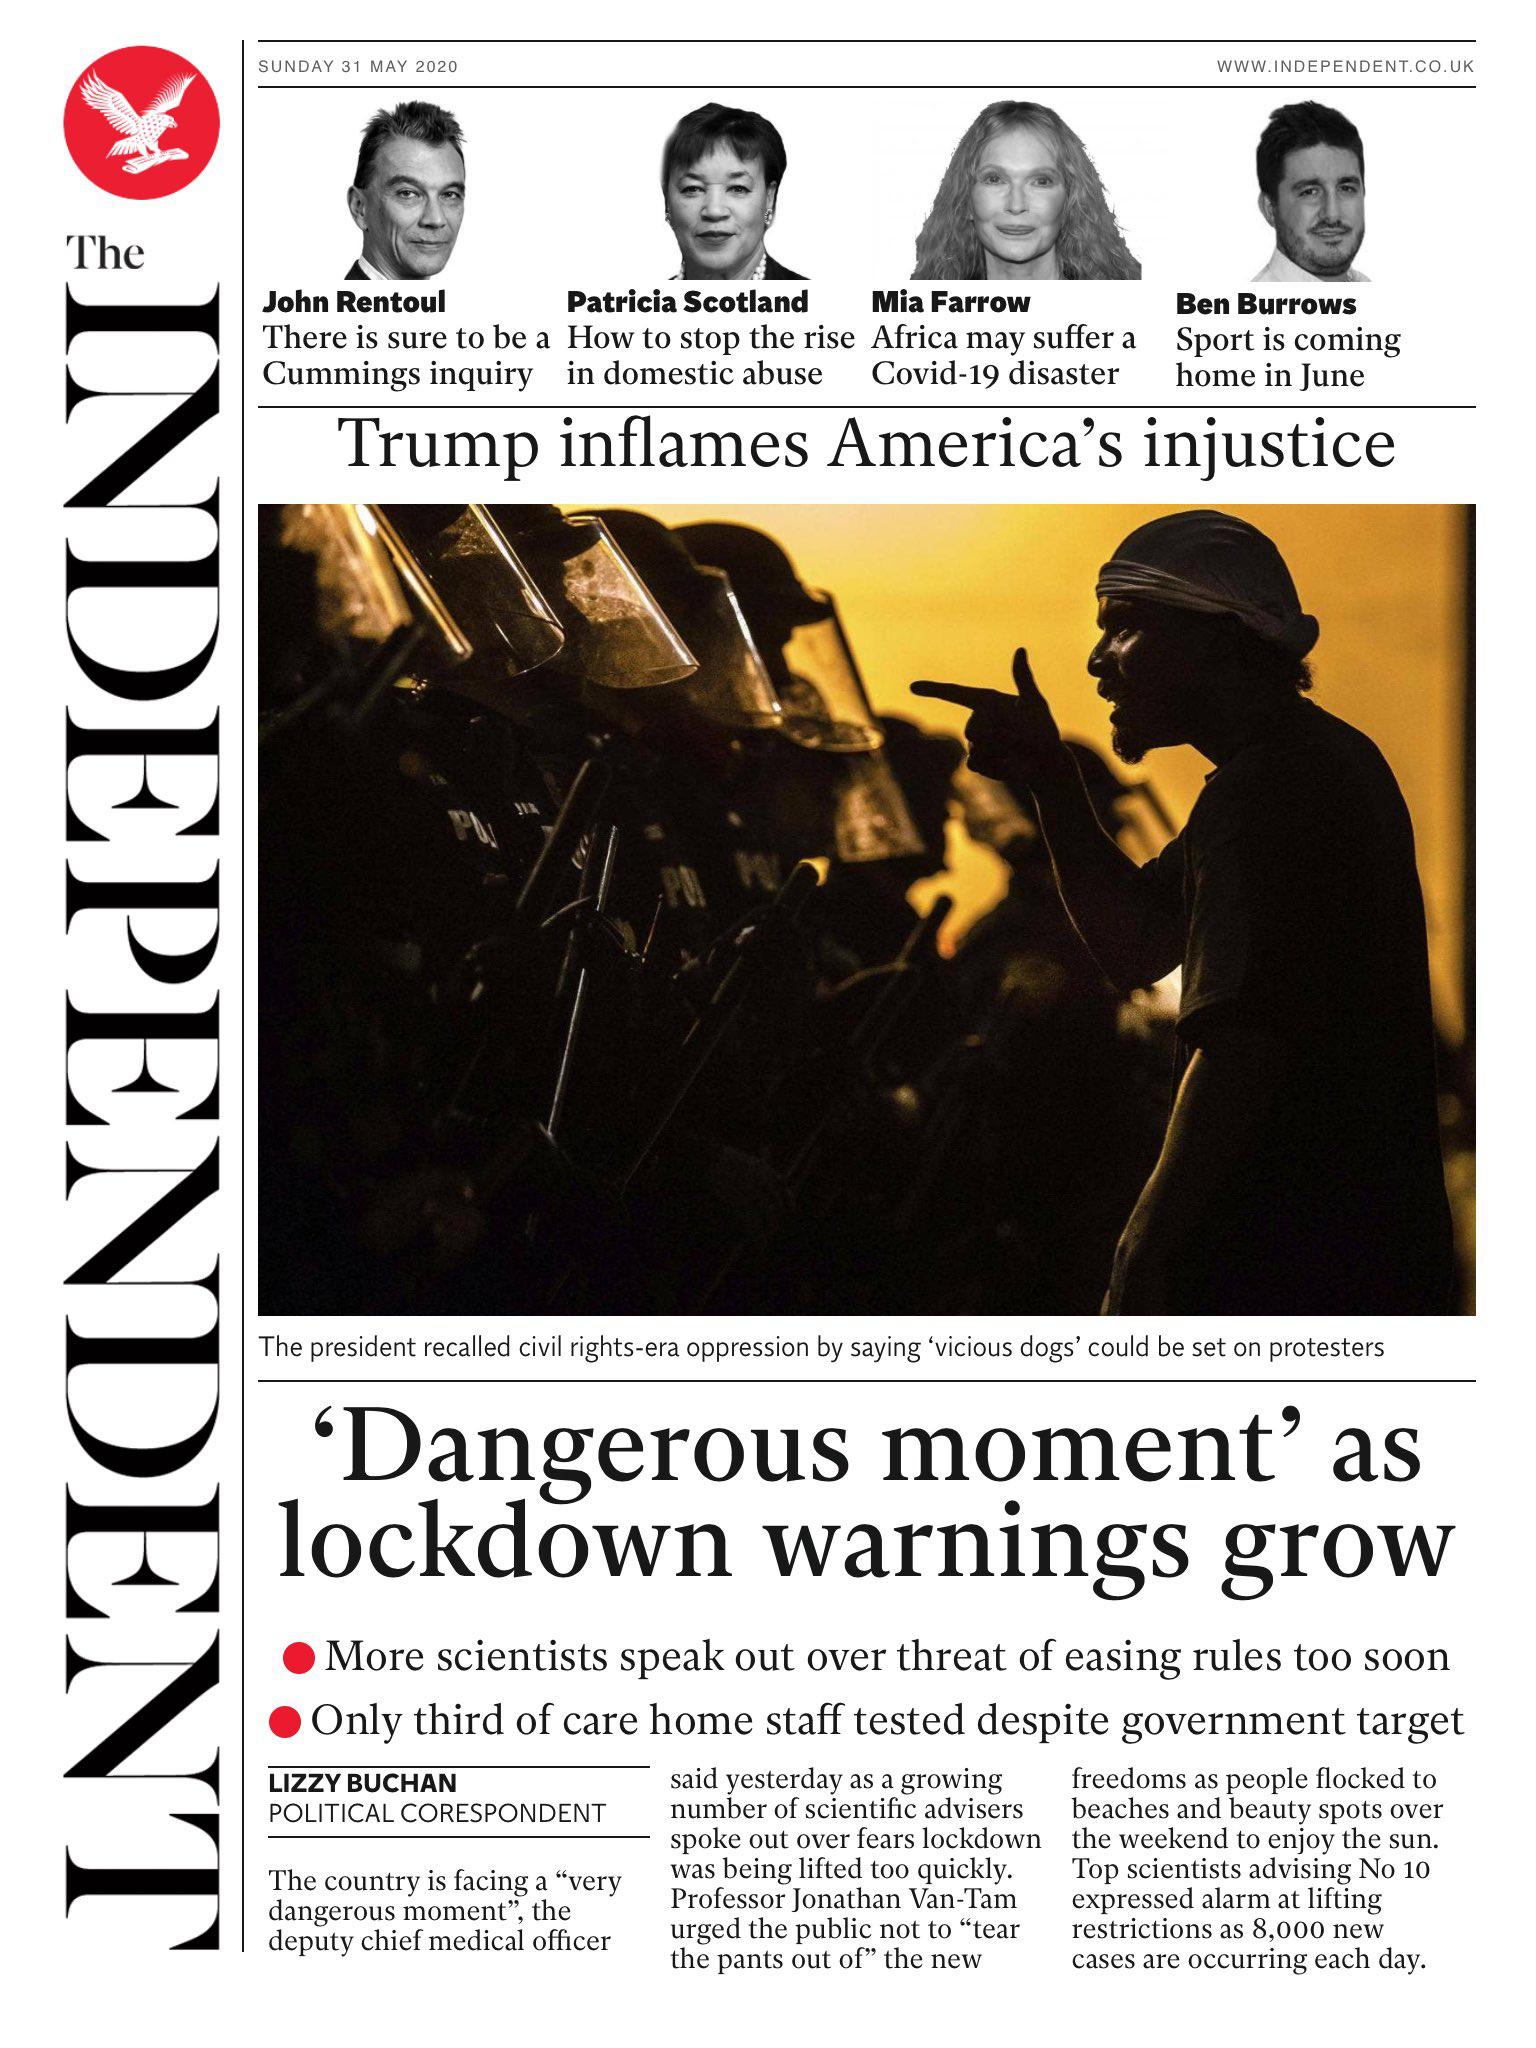 一场骚乱让世界重新认识美国 美媒:各国都在批评我们